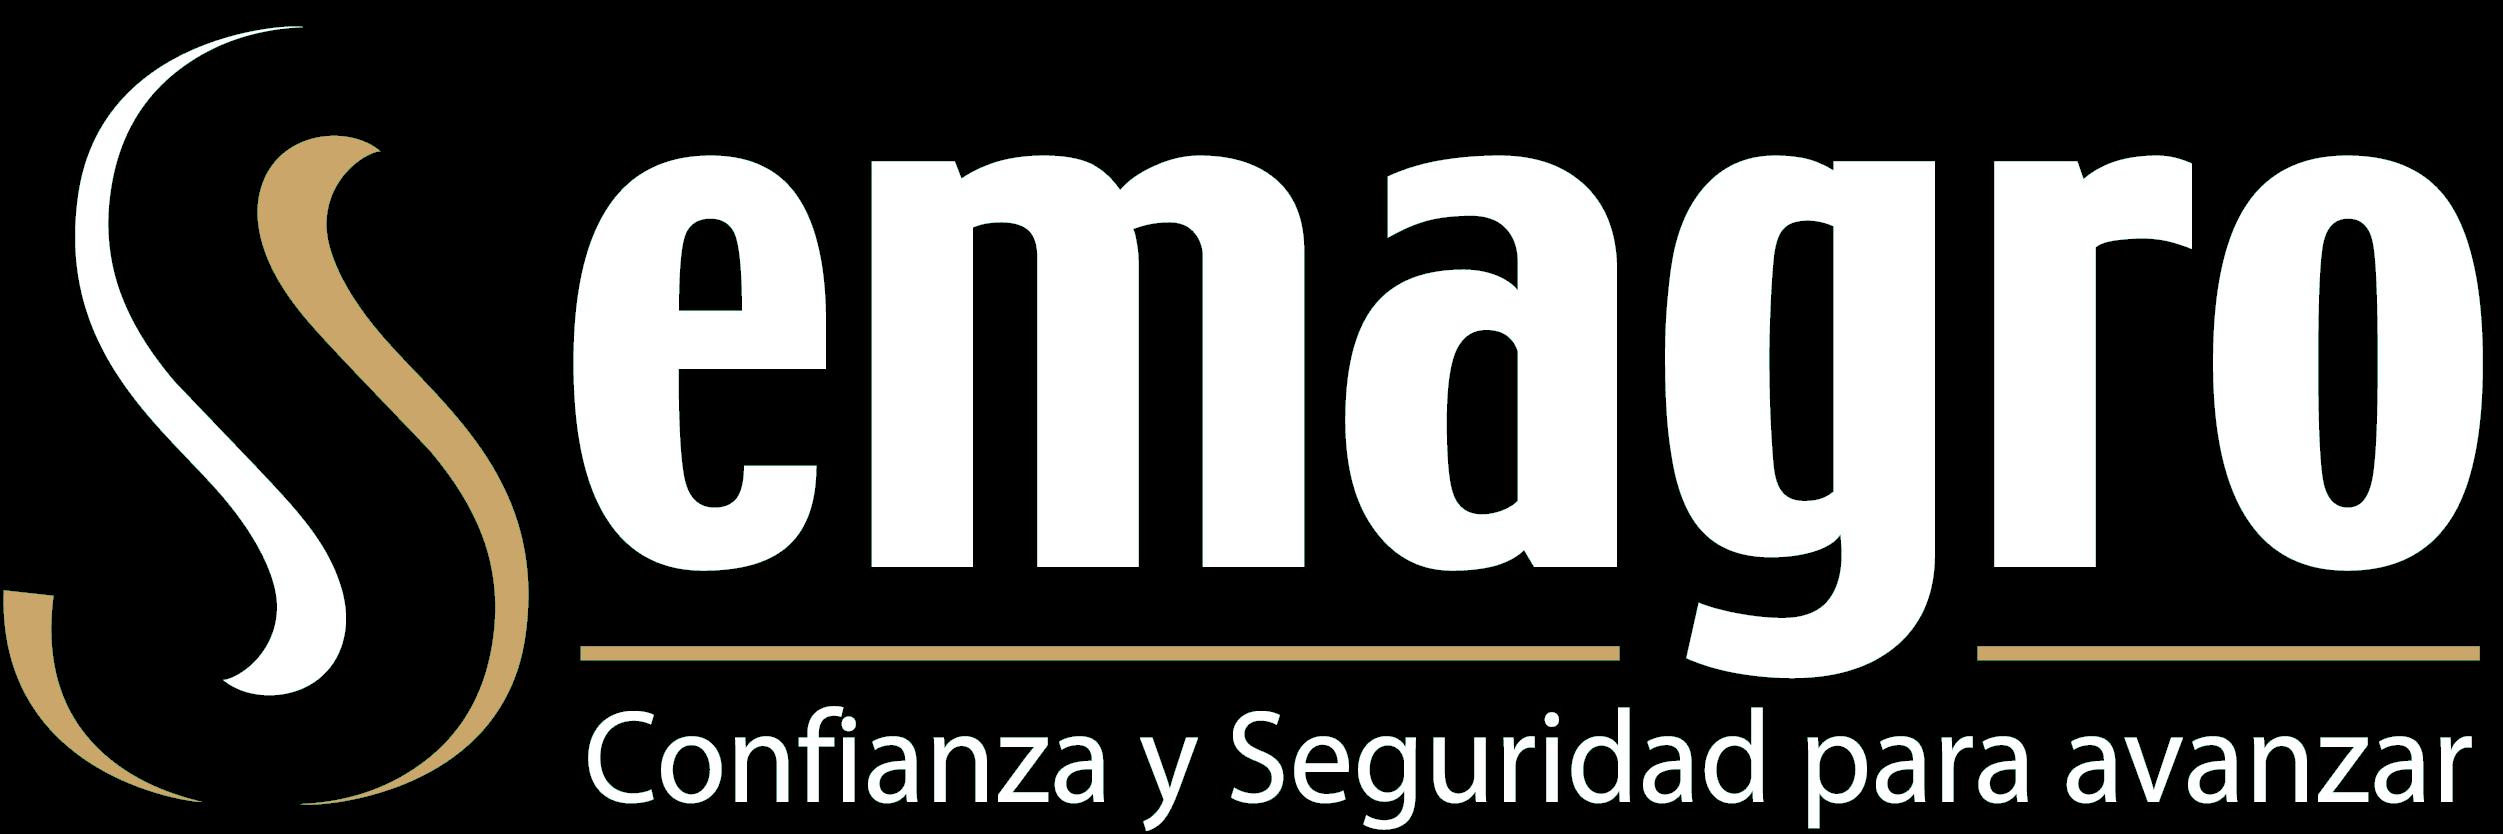 Plataforma de monitoreo | SEMAGRO